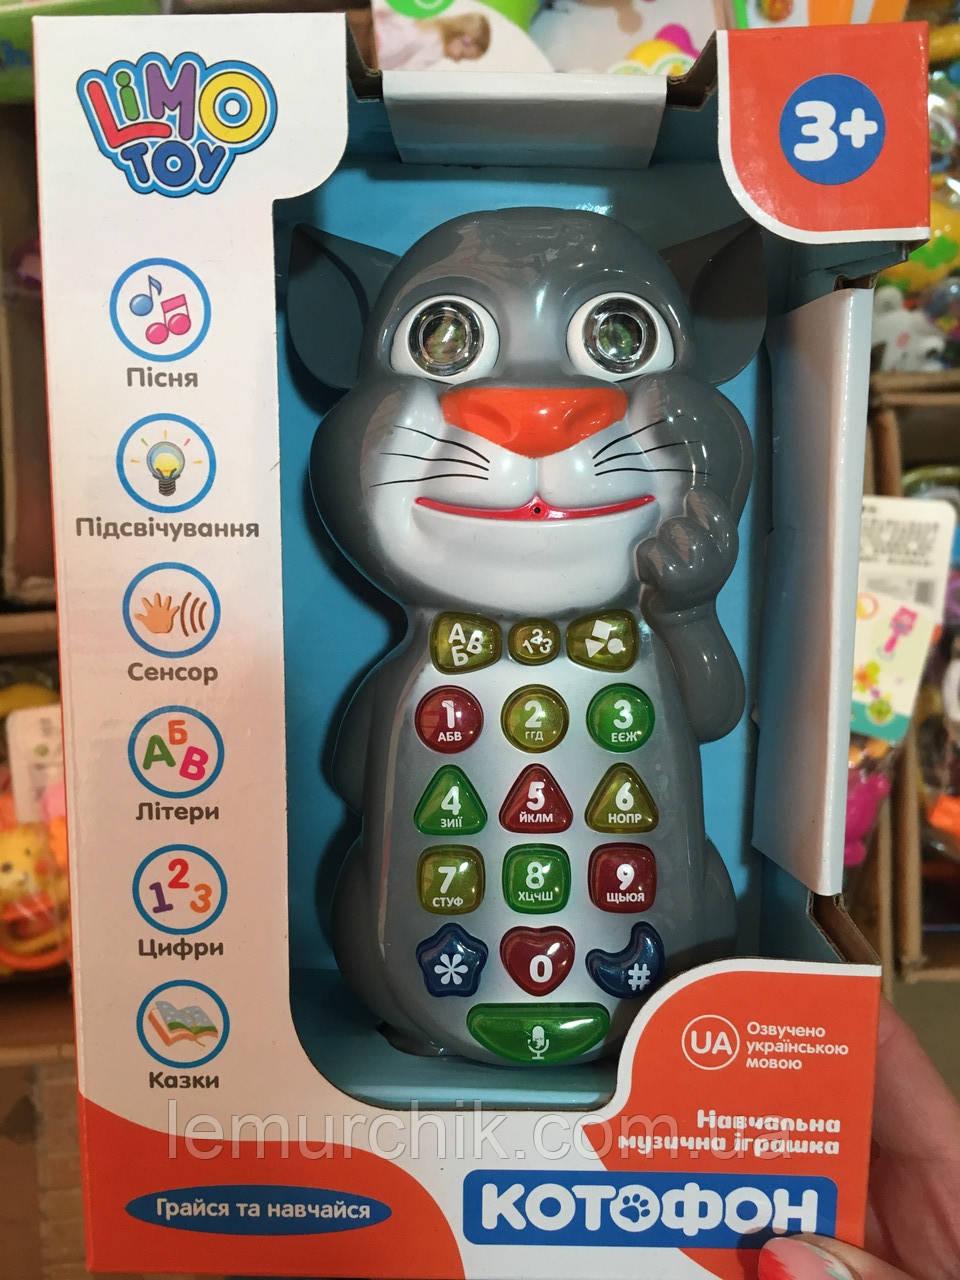 Детский развивающий телефон Говорящий кот Котофон Limo toy с диктофоном